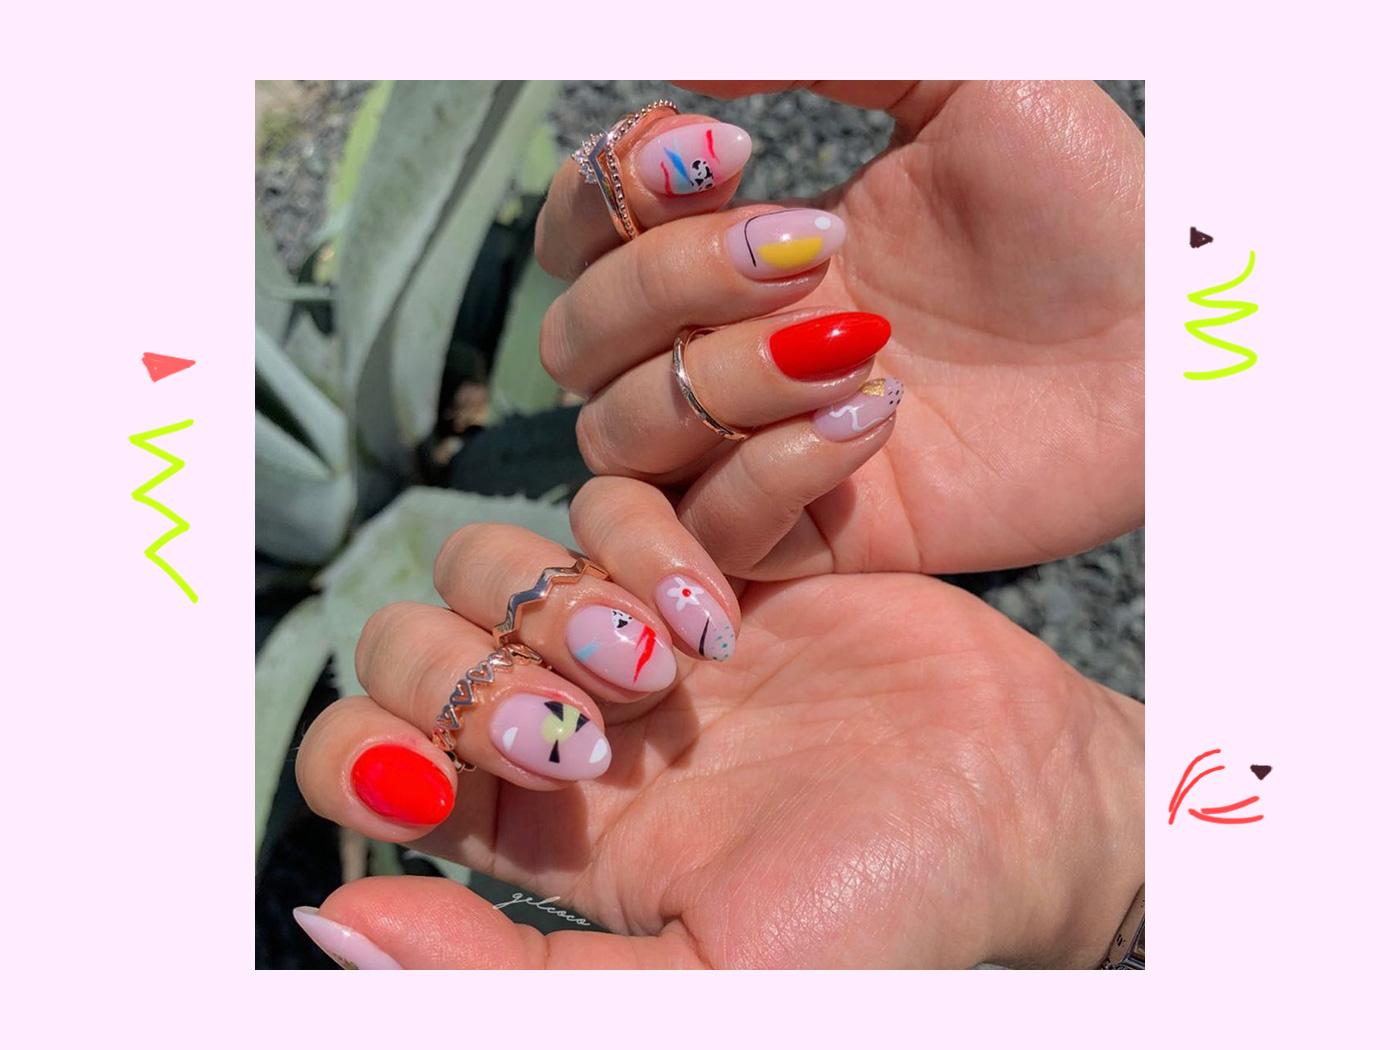 Το abstract manicure είναι το επόμενο μανικιούρ που θα κάνουμε! Πάρε ιδέες